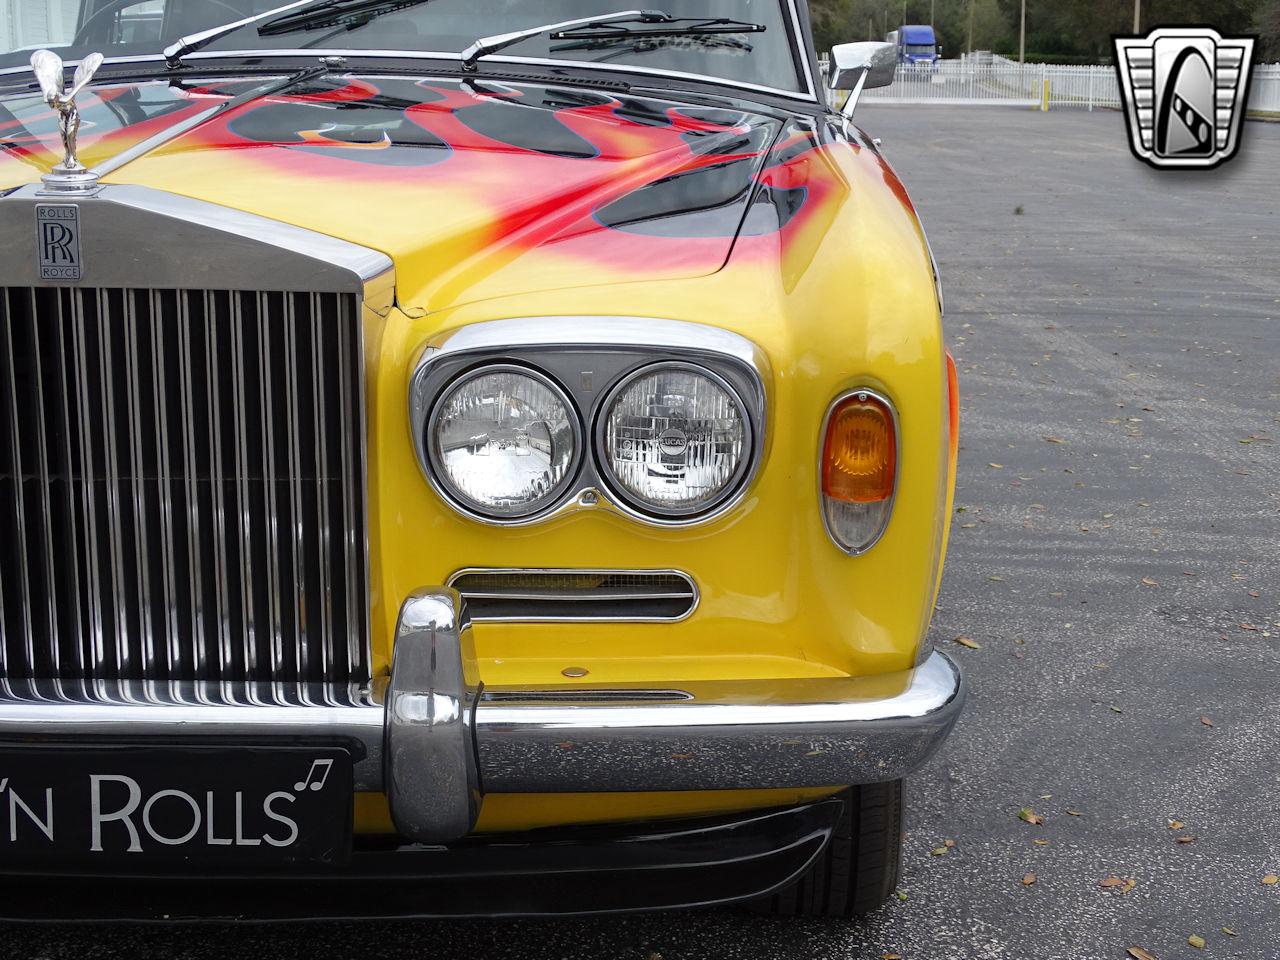 1967 Rolls Royce Silver Shadow 19